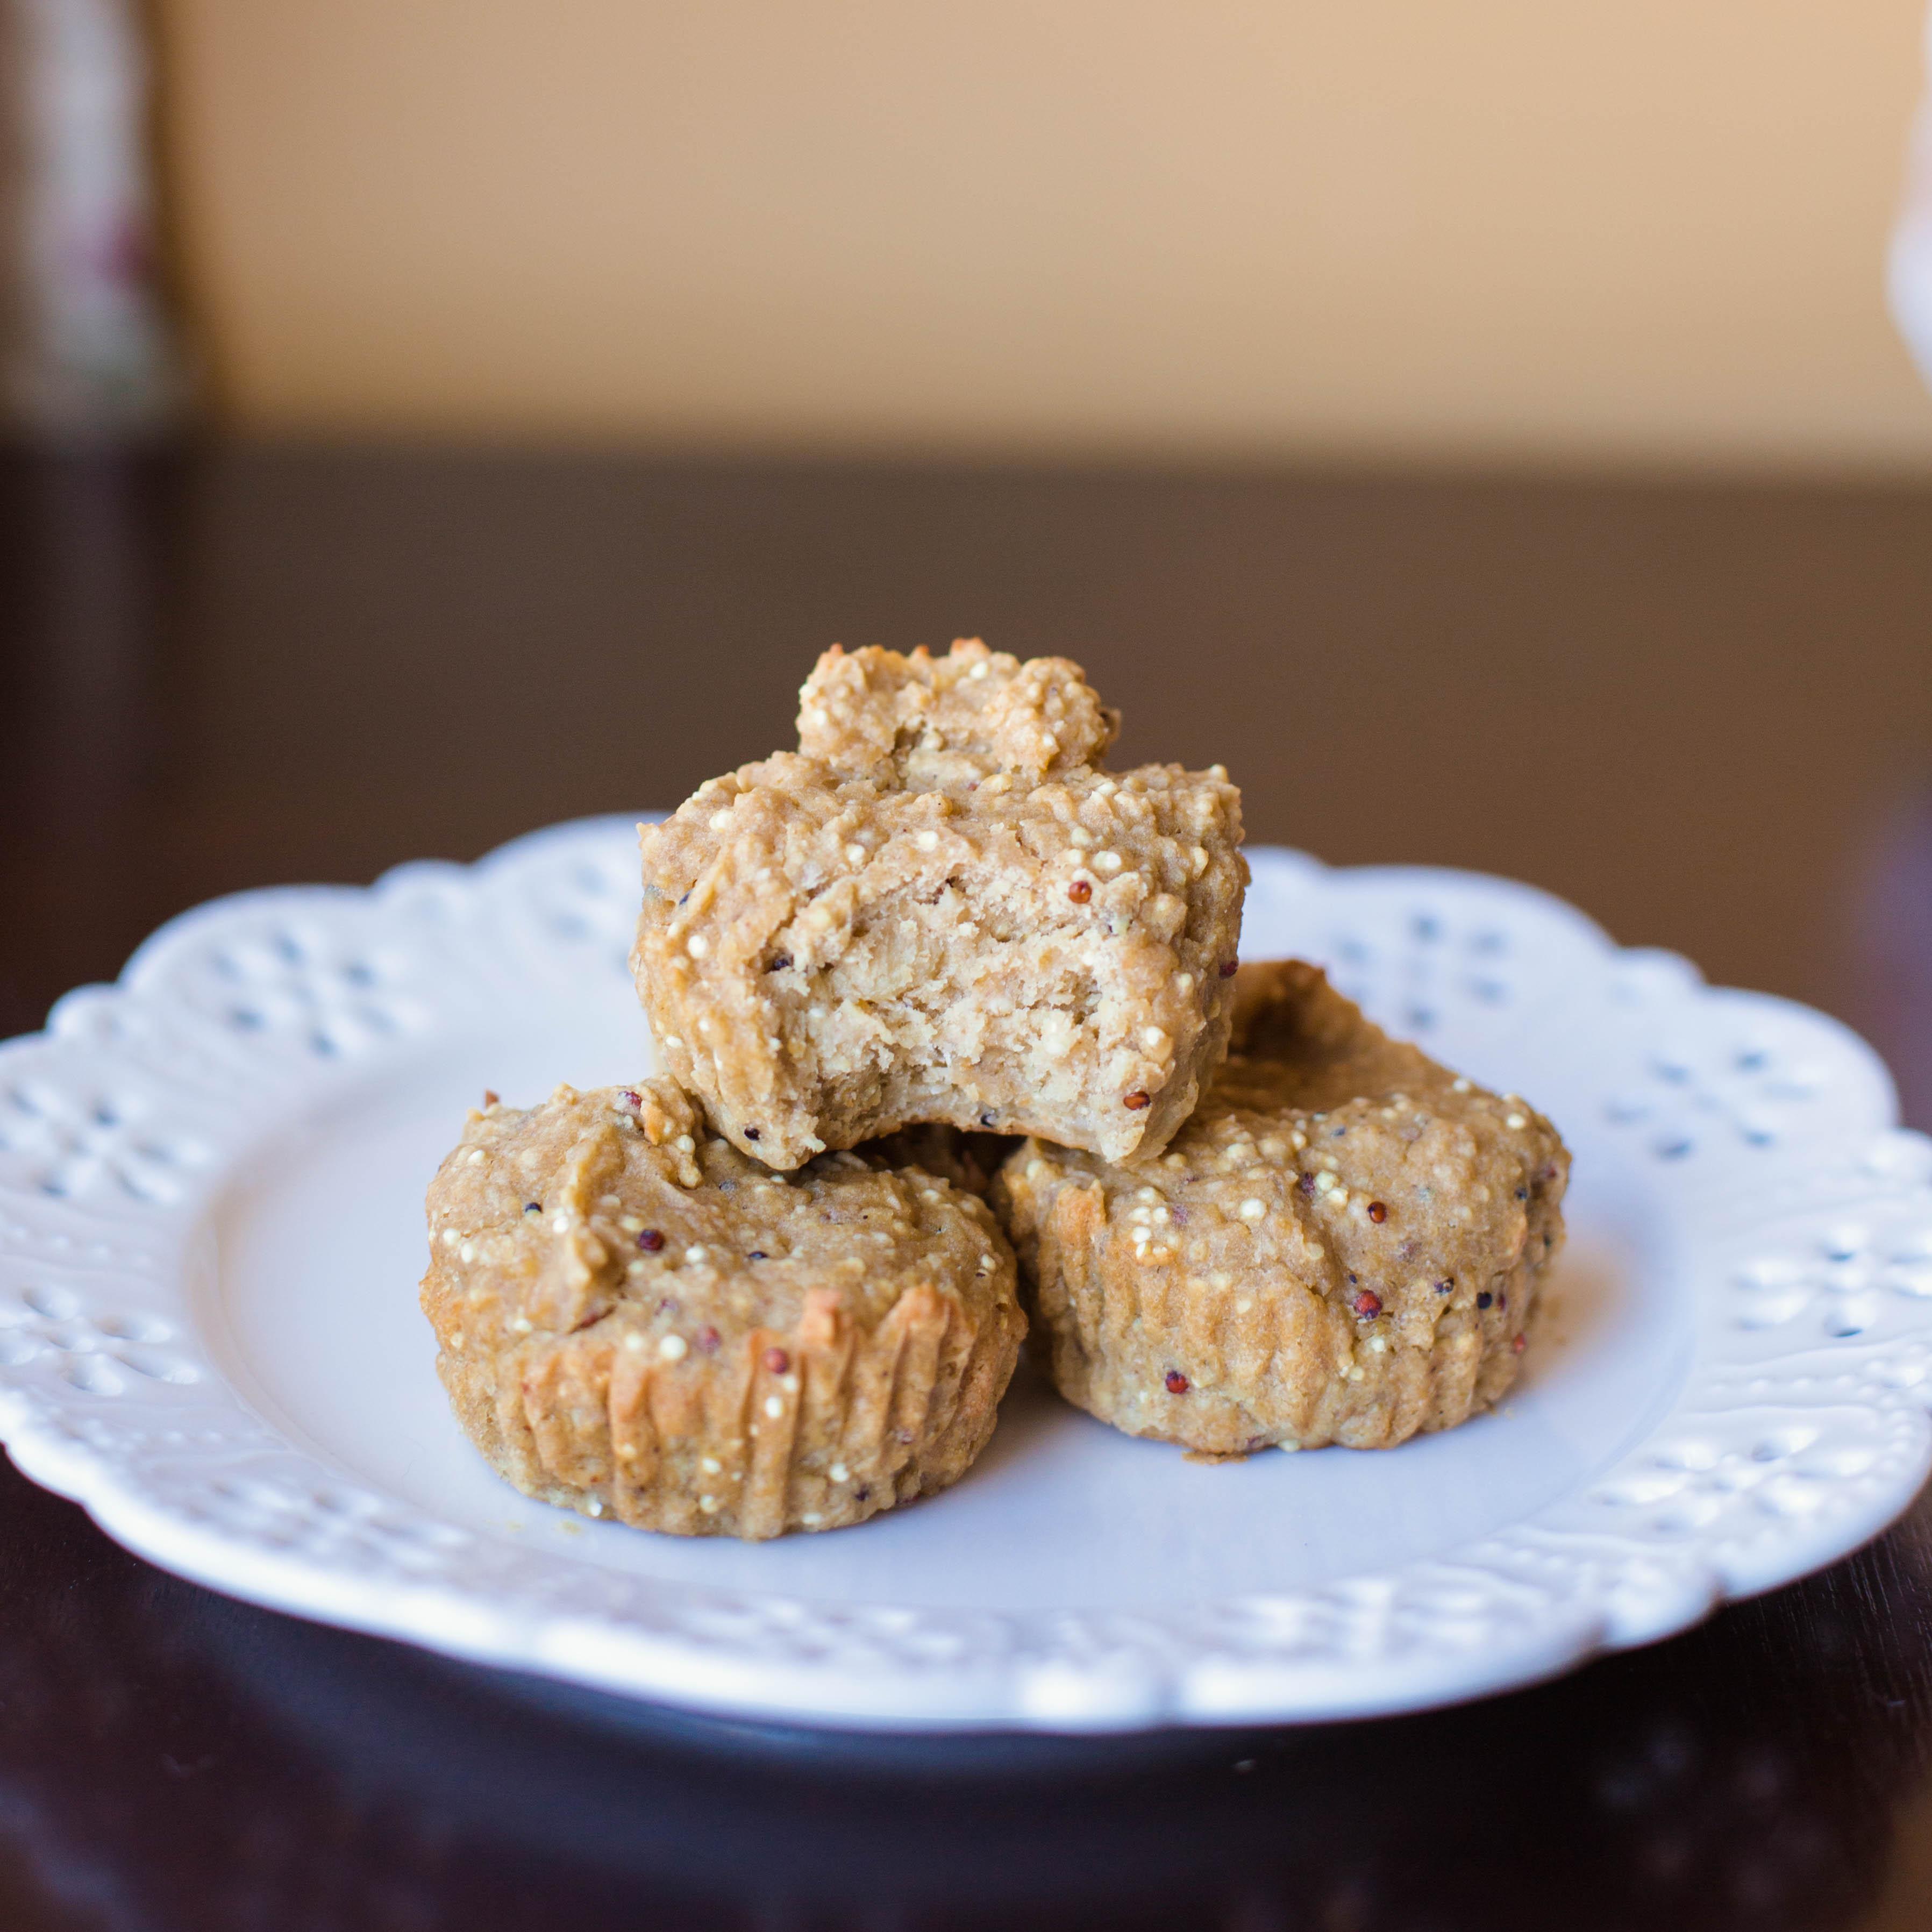 Vegan Peanut Butter Banana Flourless Muffins